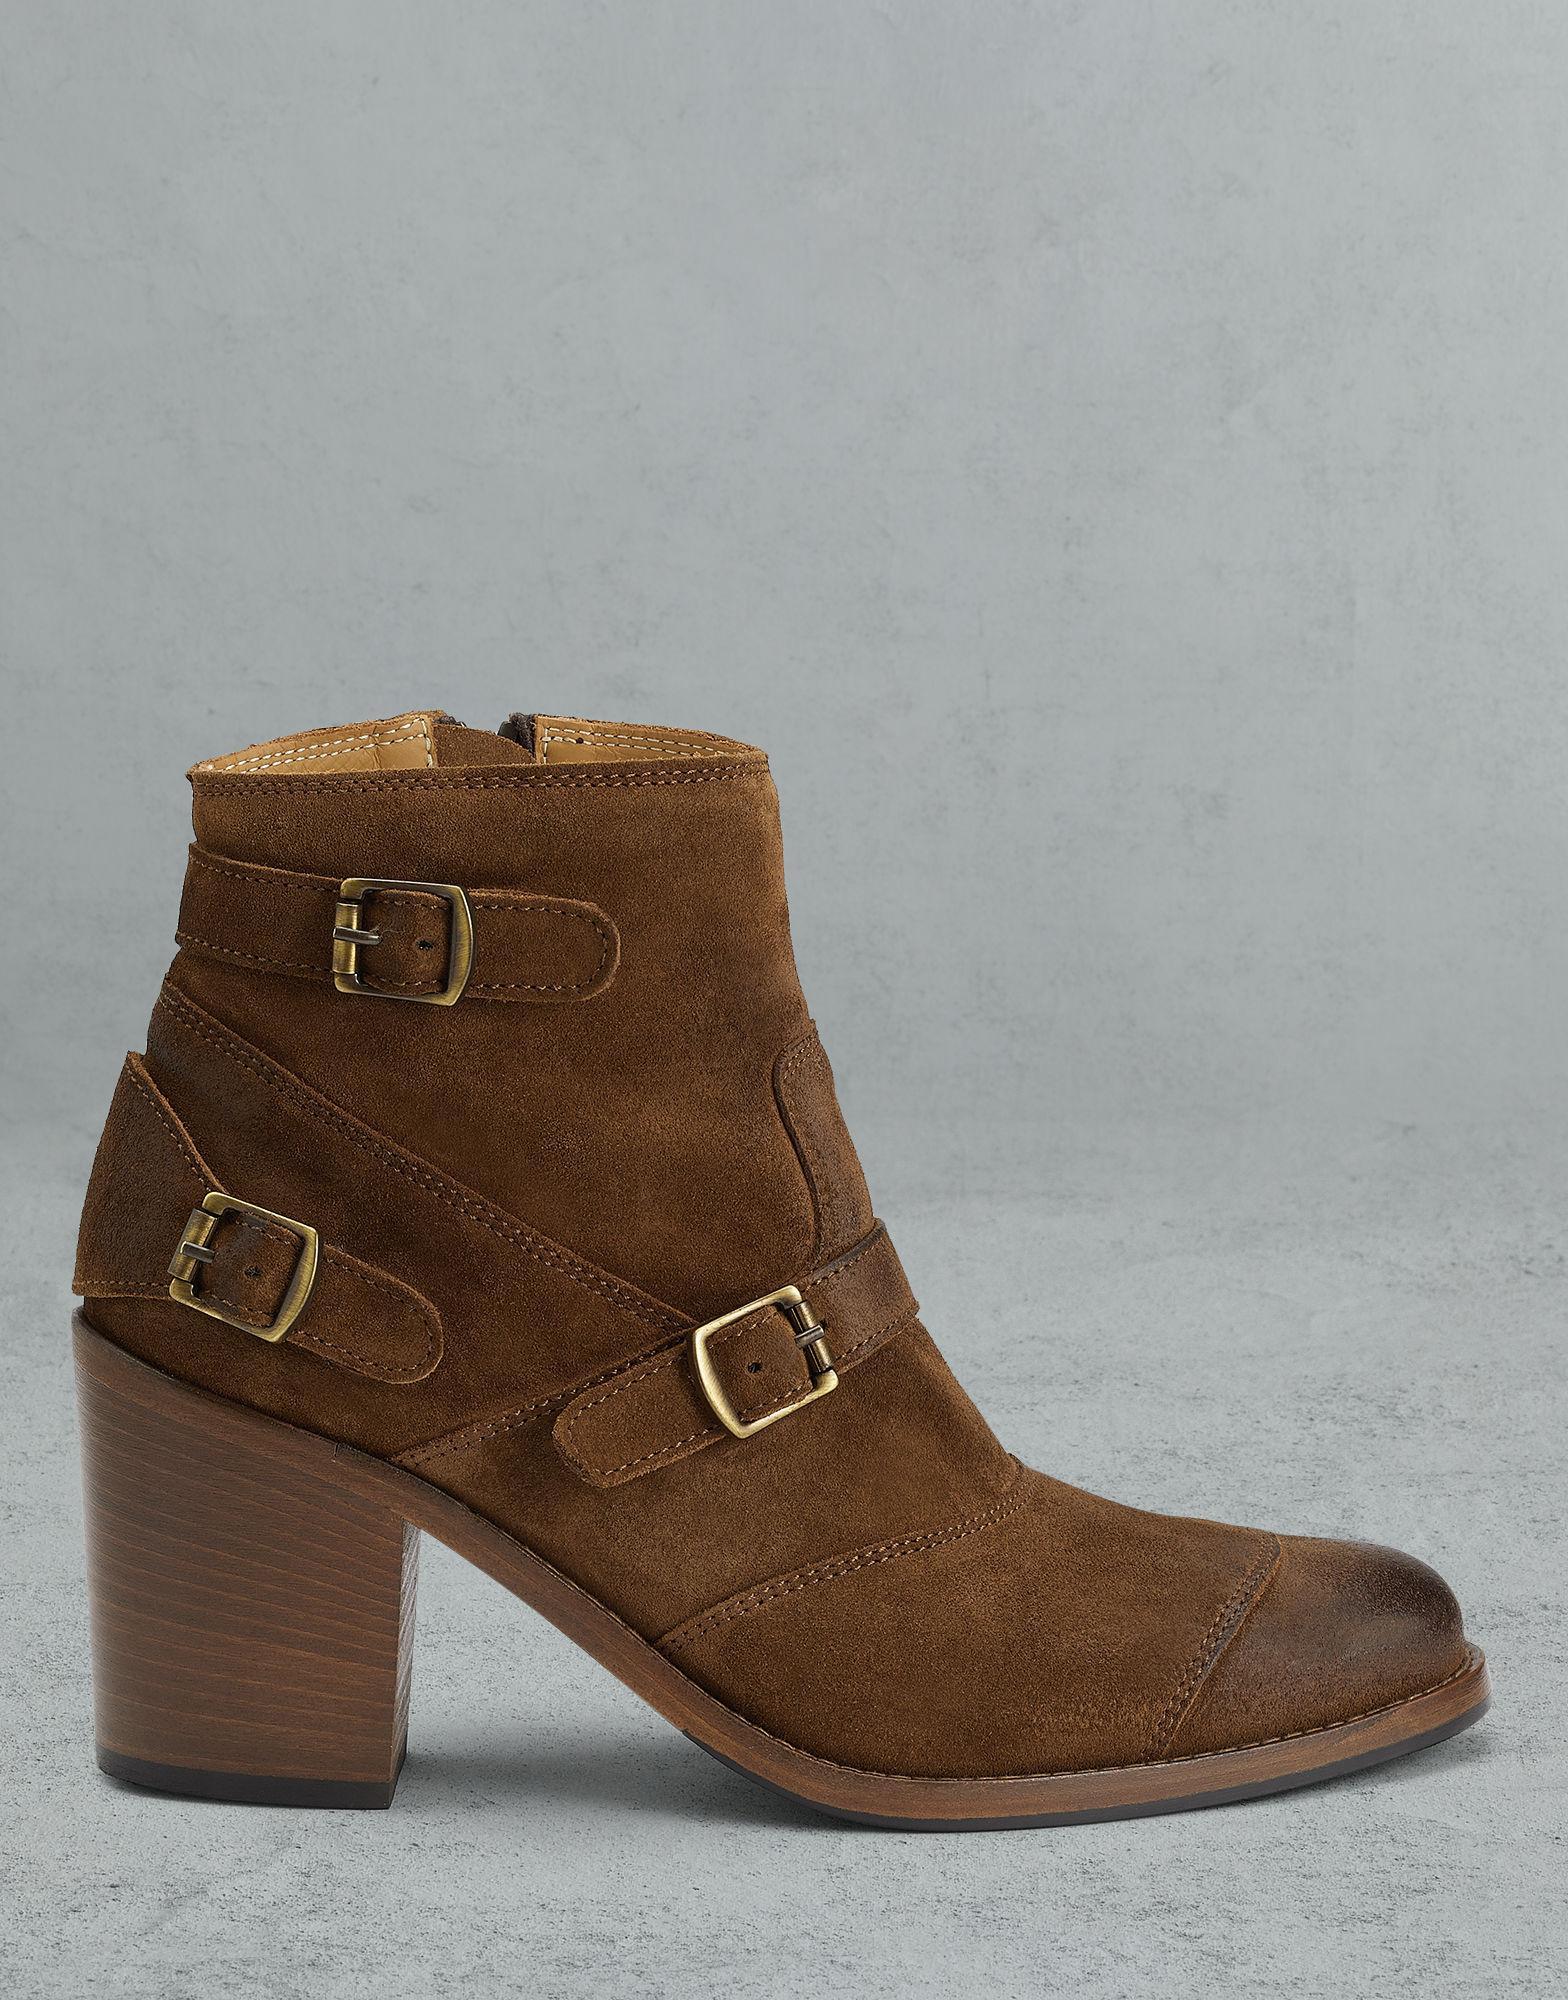 b94e03e00636 Lyst - Belstaff Trialmaster Short Boots in Brown